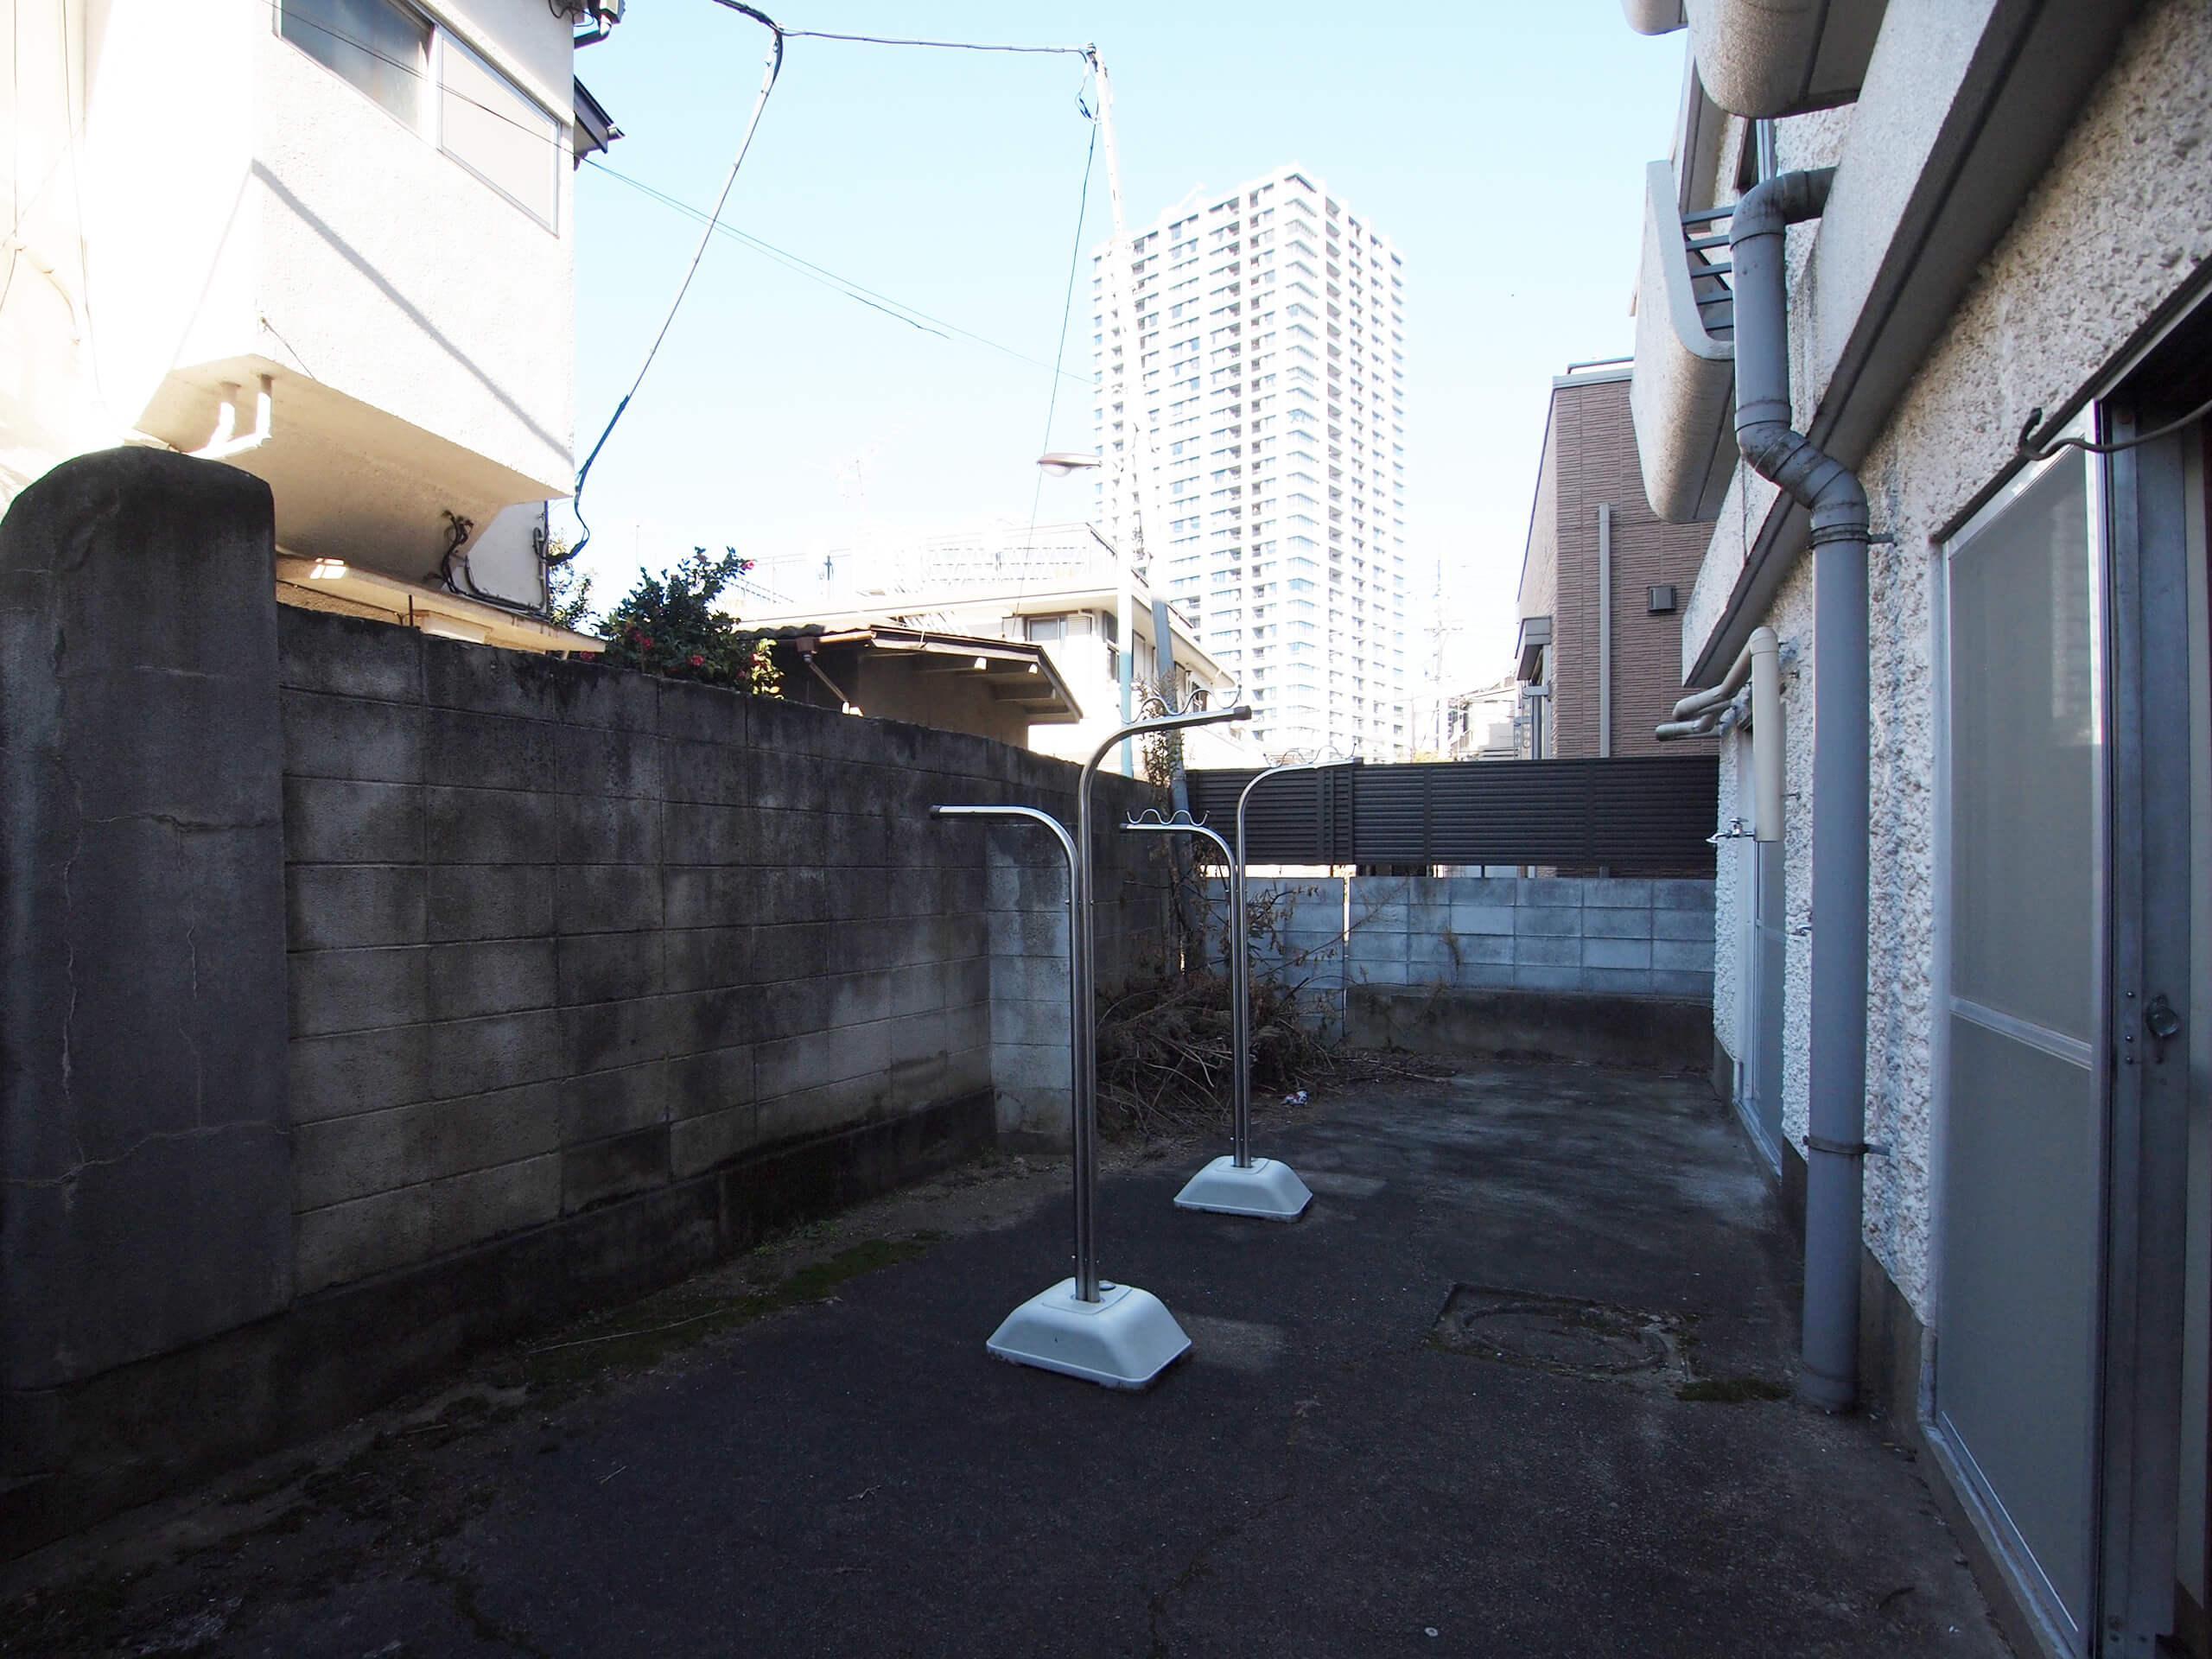 【庭】コンクリートで舗装されているのでメンテナンスが楽でいい。ウッドデッキを敷いたらぐっと心地よいスペースになりそう